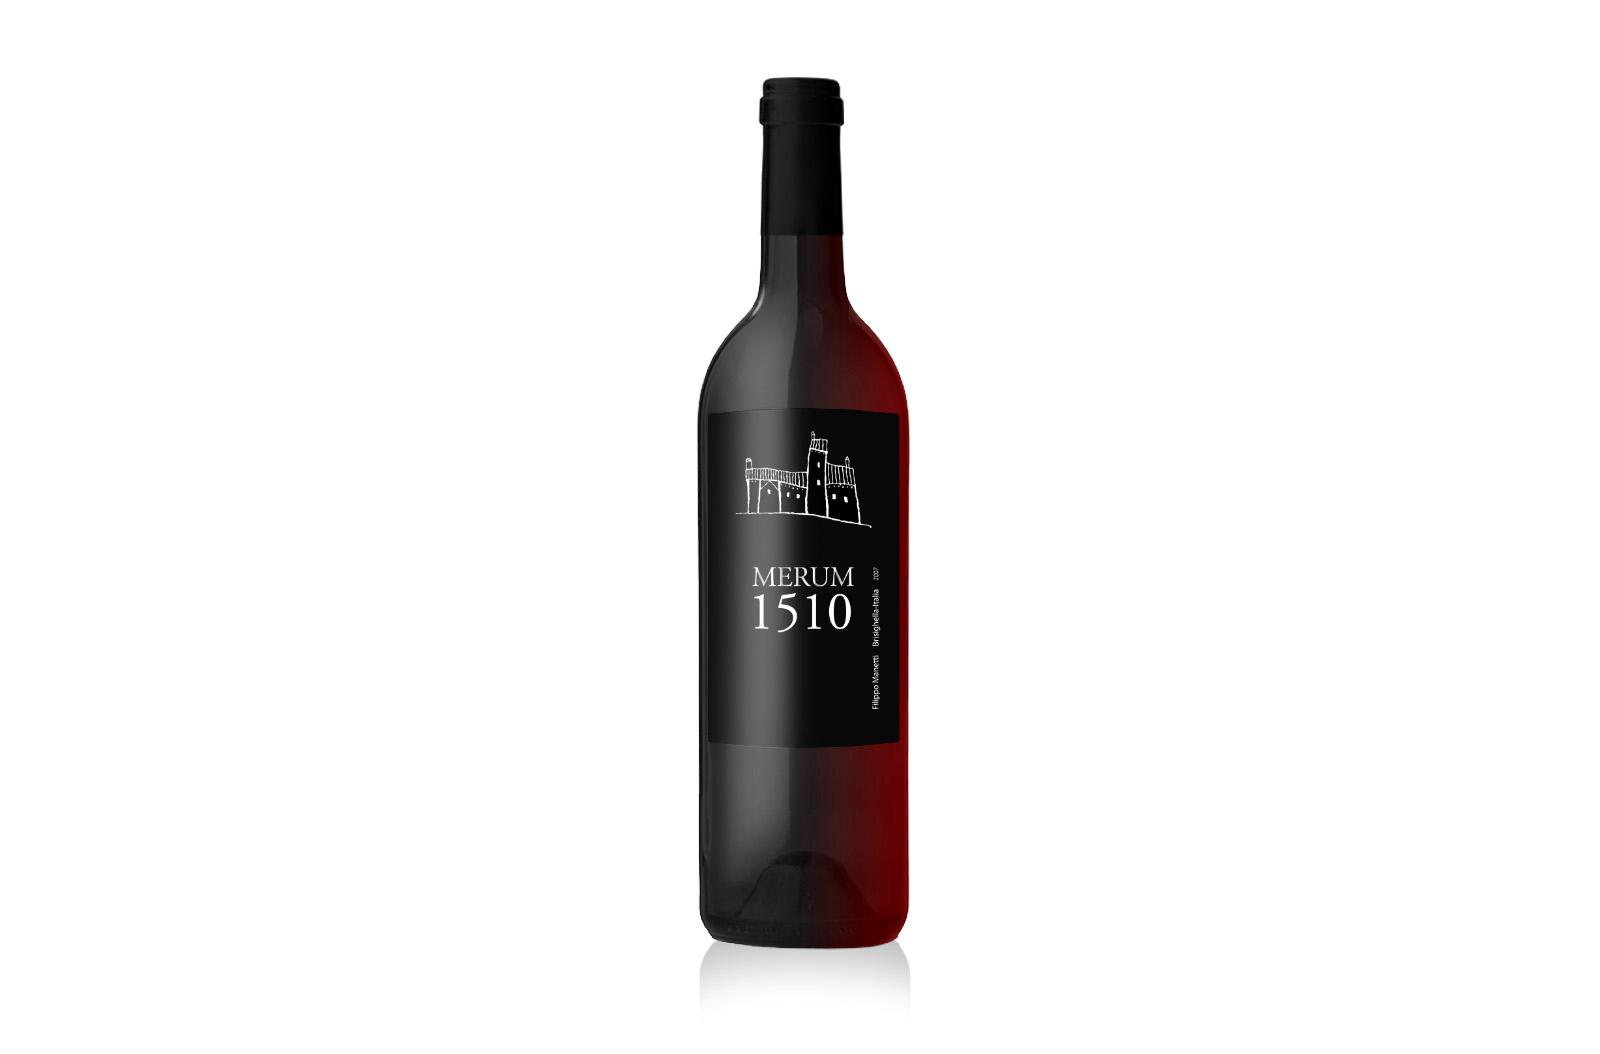 Etichetta vino Merum 1510